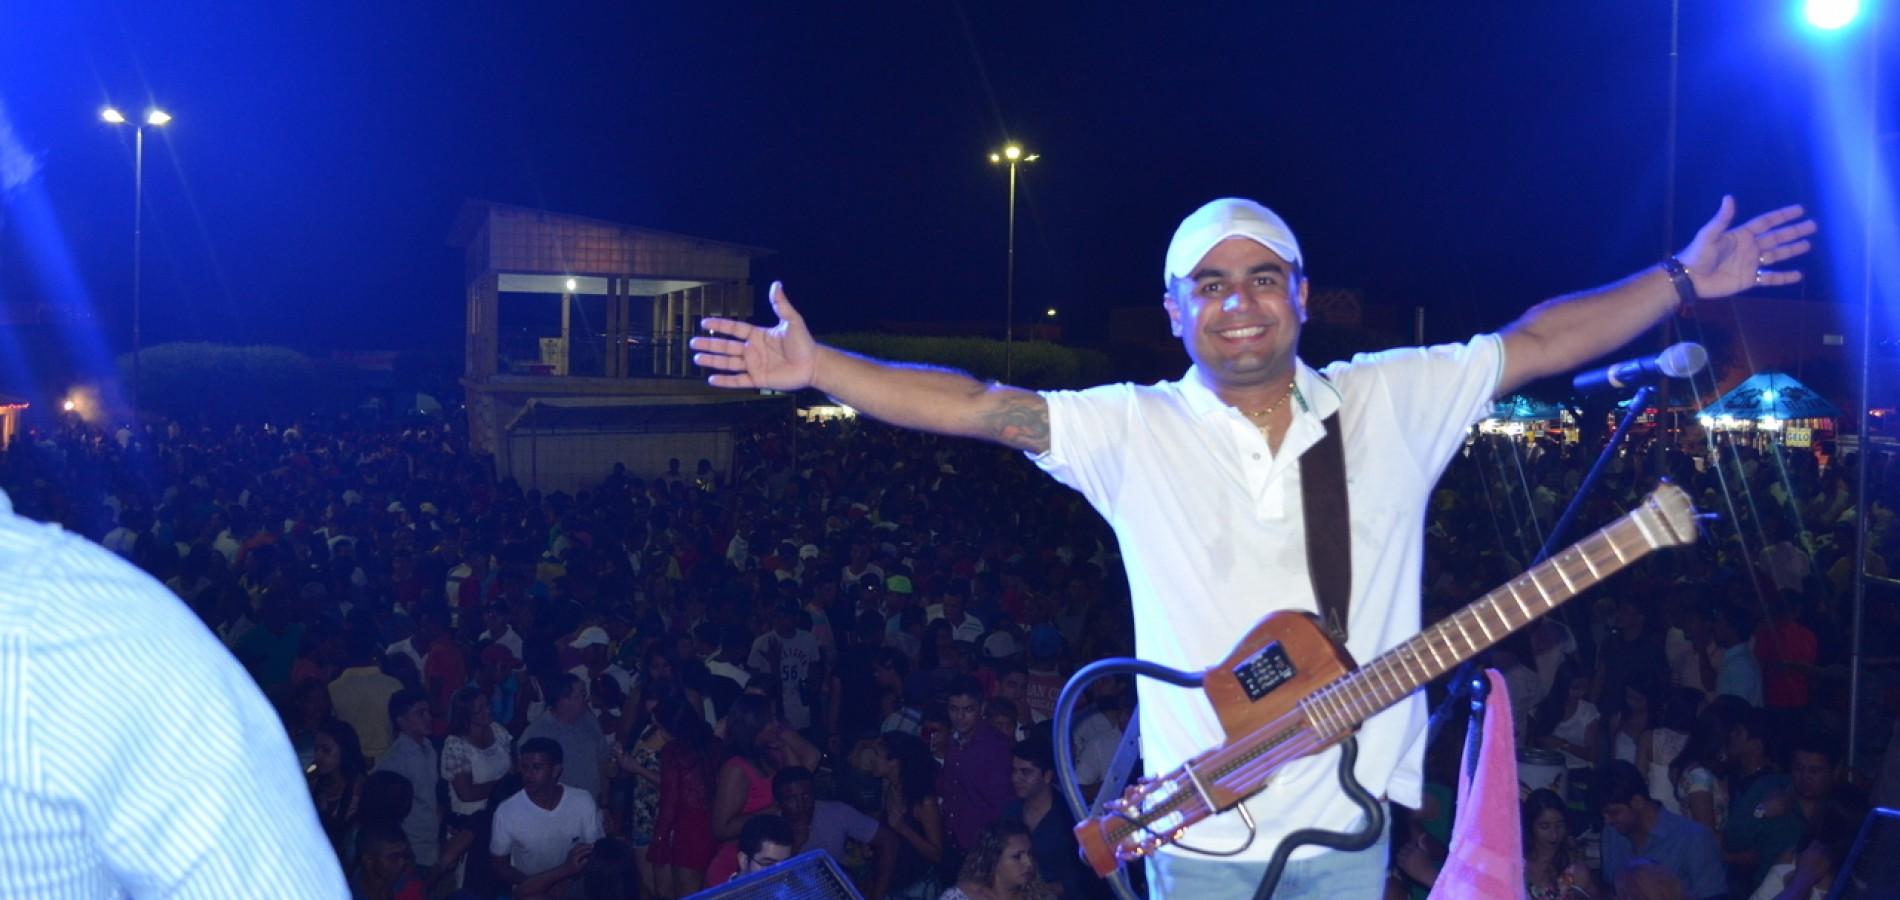 SIMÕES | Fotos da 'Festa de Virada' com Lamarck, Iara Pâmela e Dácio Moraes